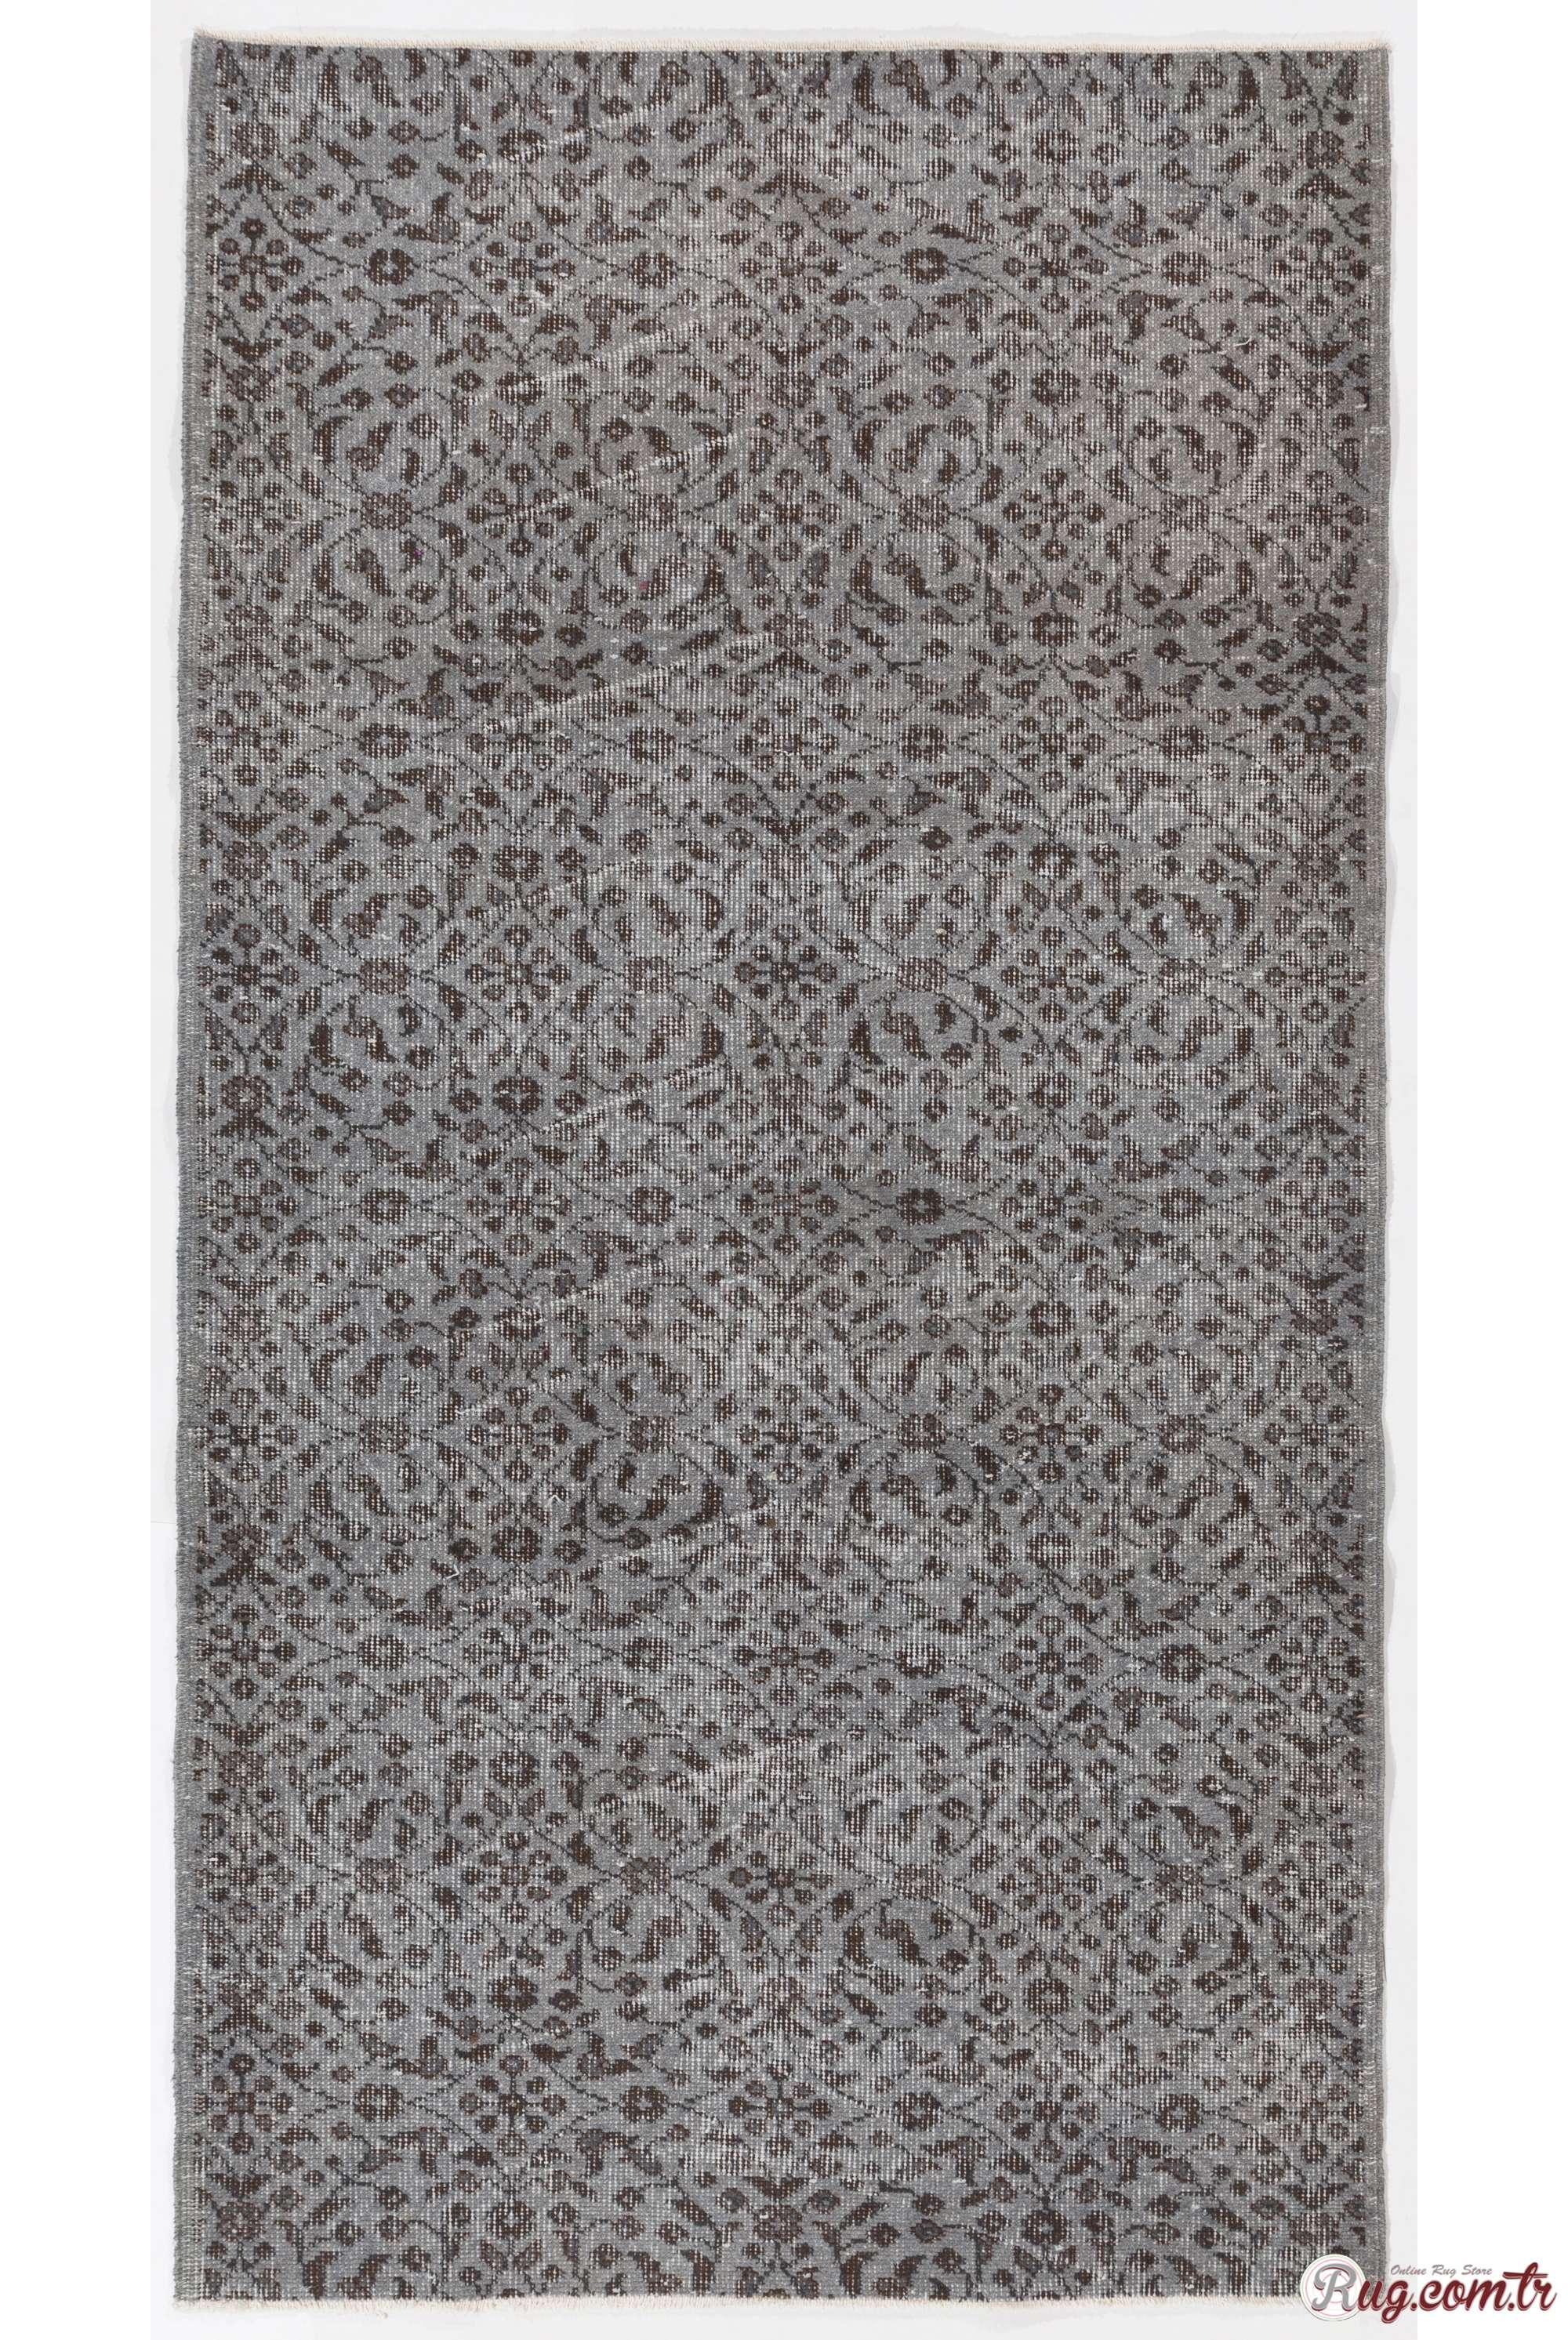 3 4 X 6 104 195 Cm Gray Color